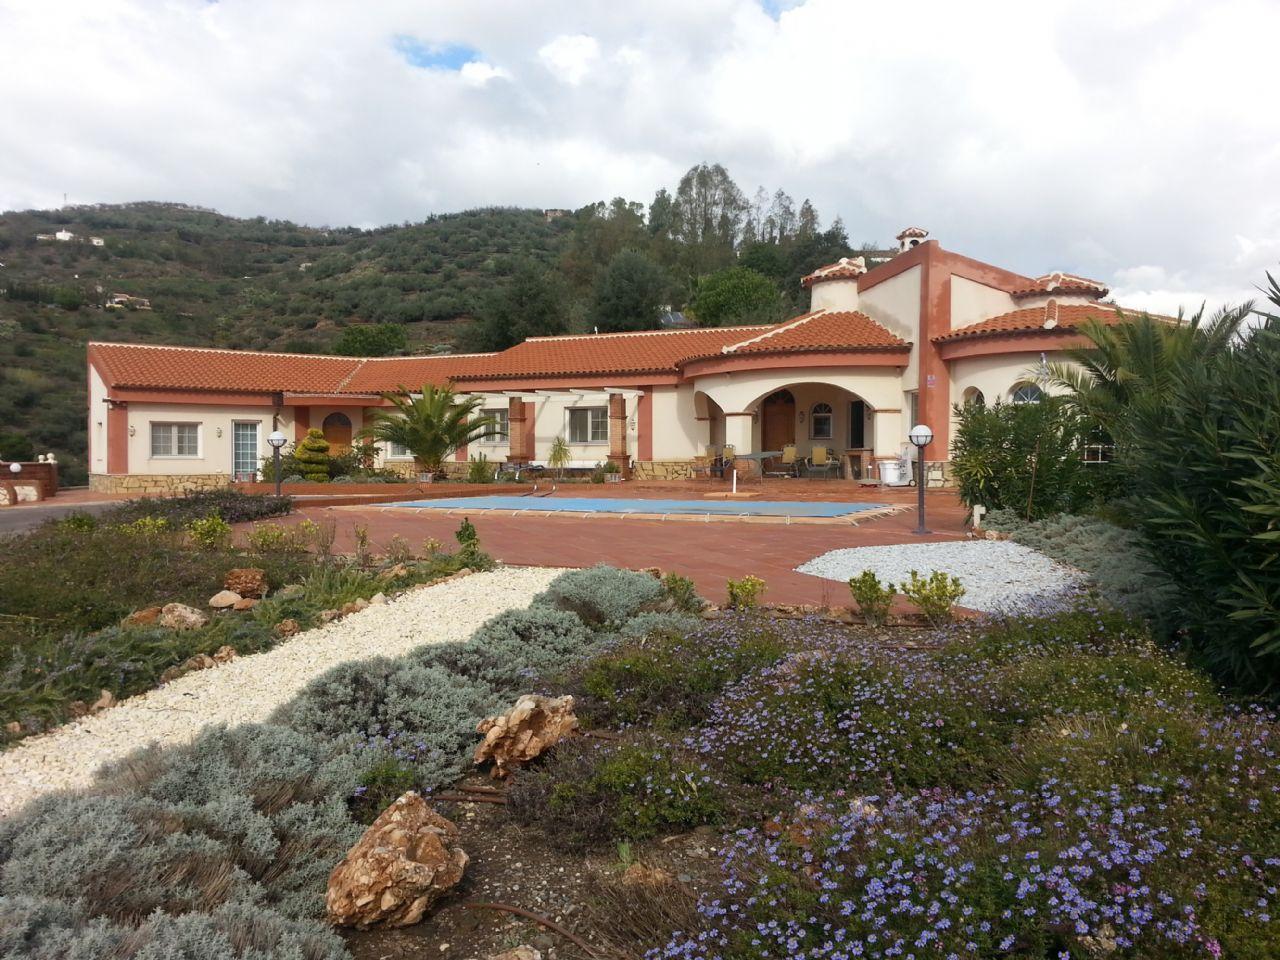 Casa de campo en Algarrobo, Bentomiz, venta